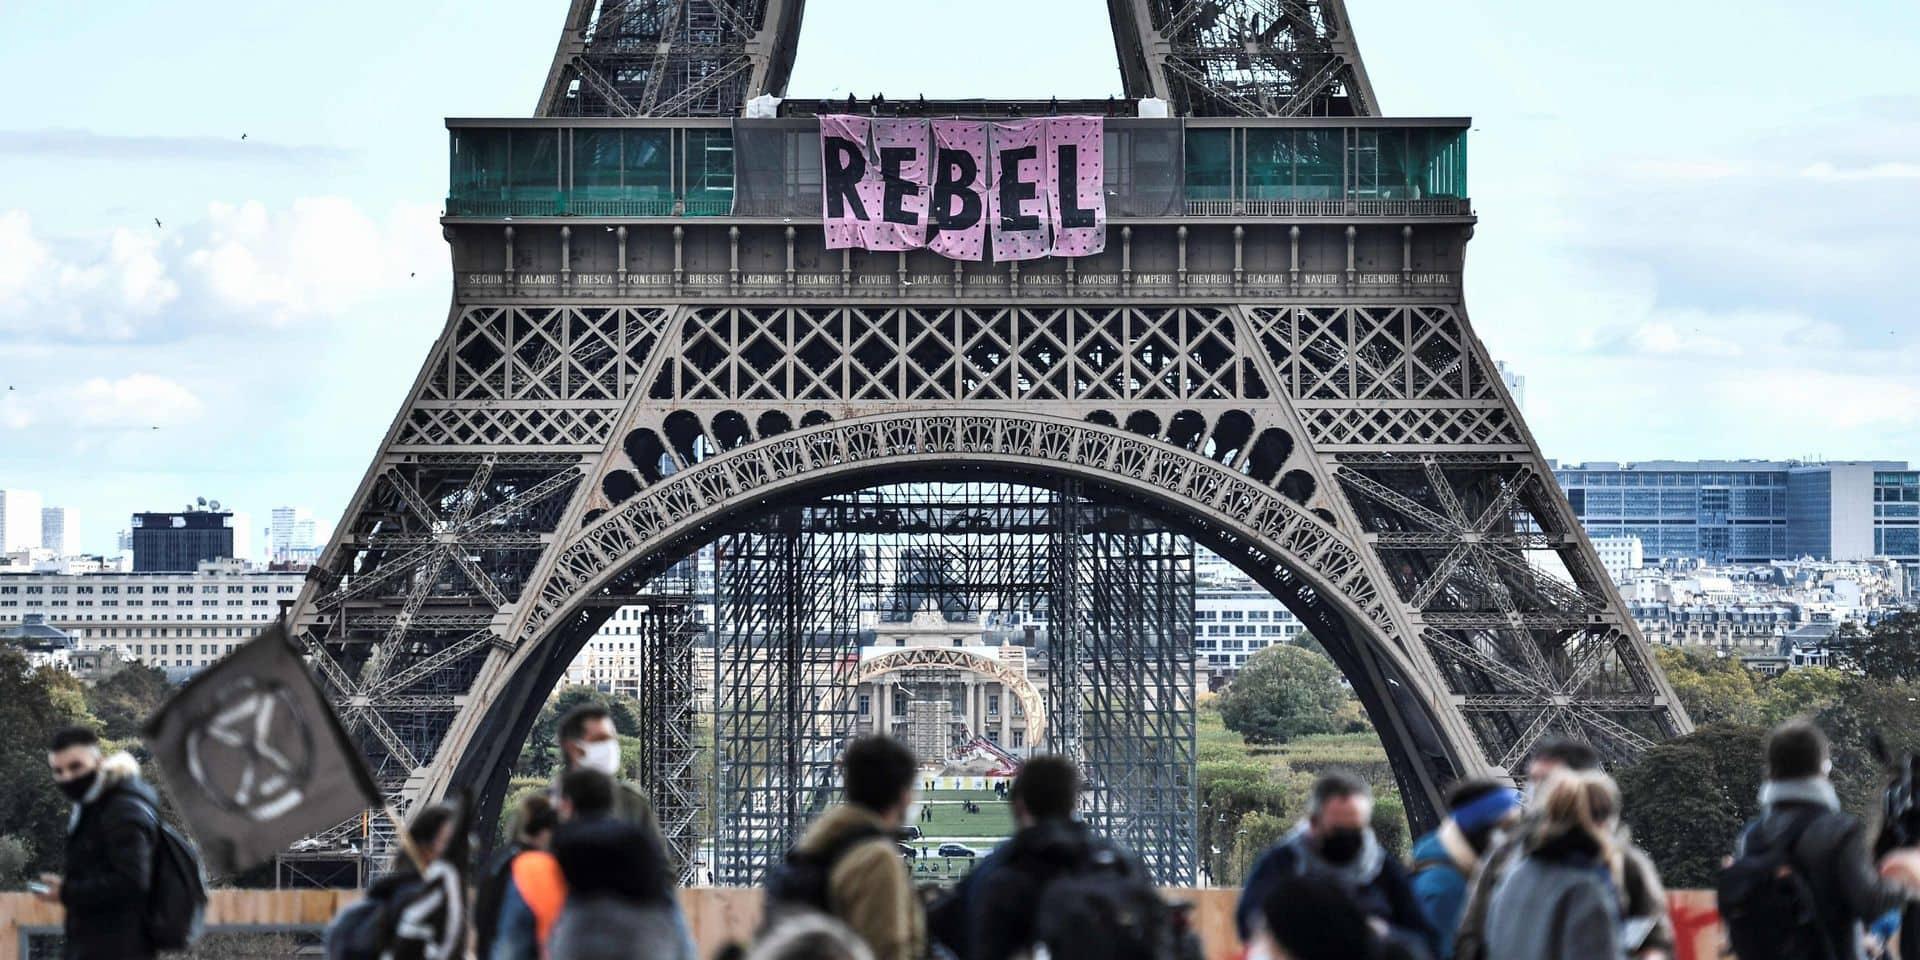 Climat: Extinction rébellion déploie une banderole sur la tour Eiffel